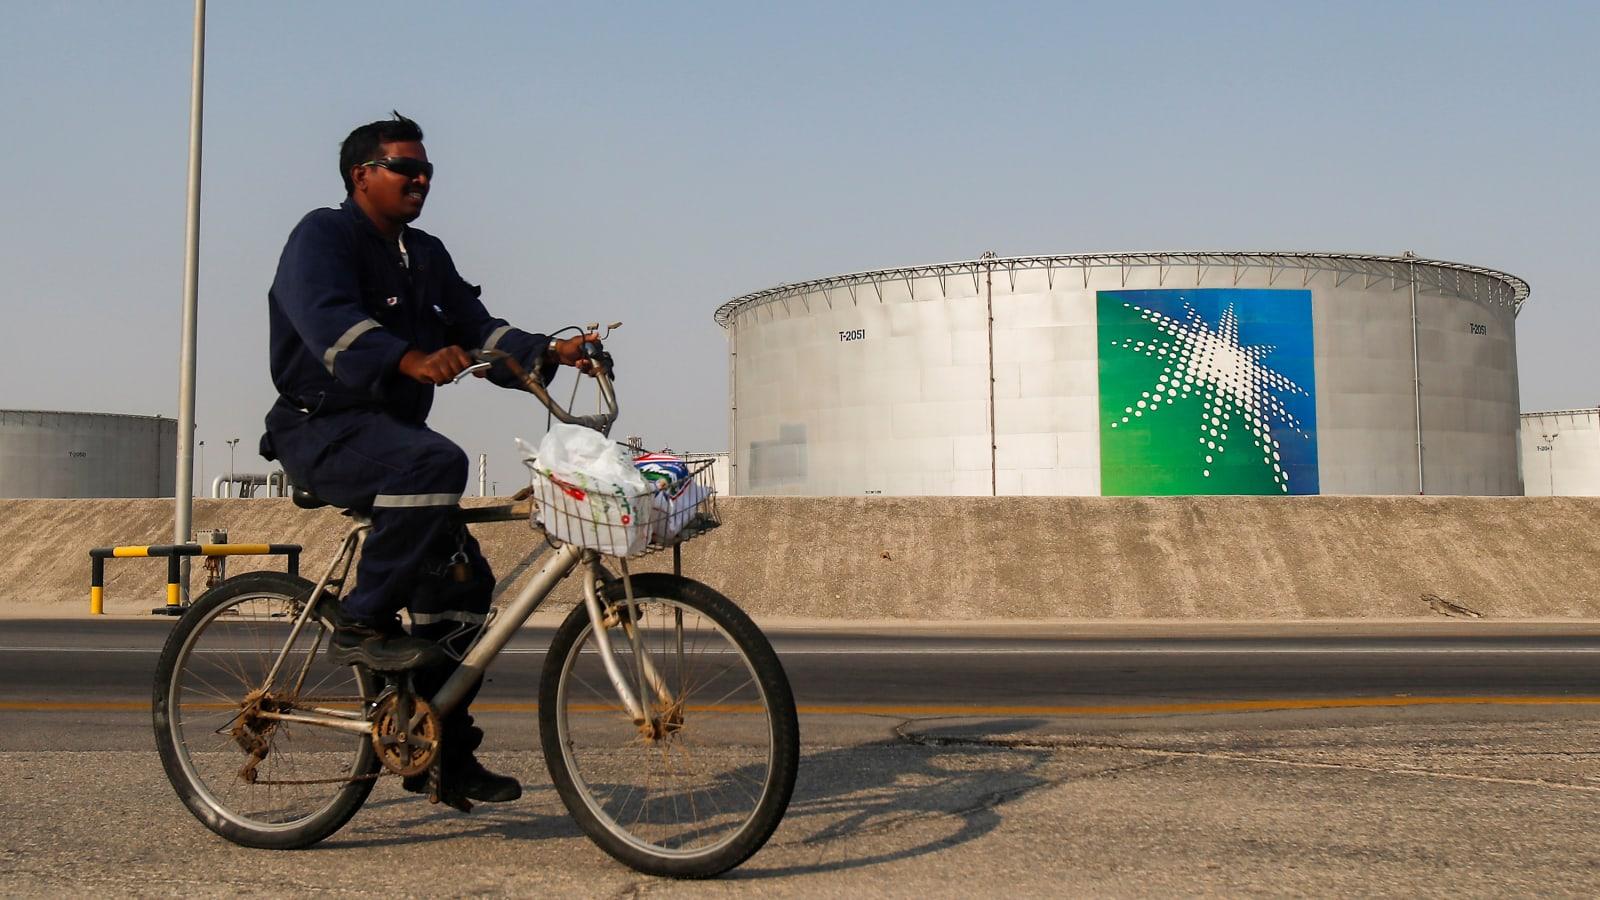 Giá dầu thô Mỹ xuống âm, Ả Rập Xê Út và Nga giành chiến thắng - Ảnh 3.